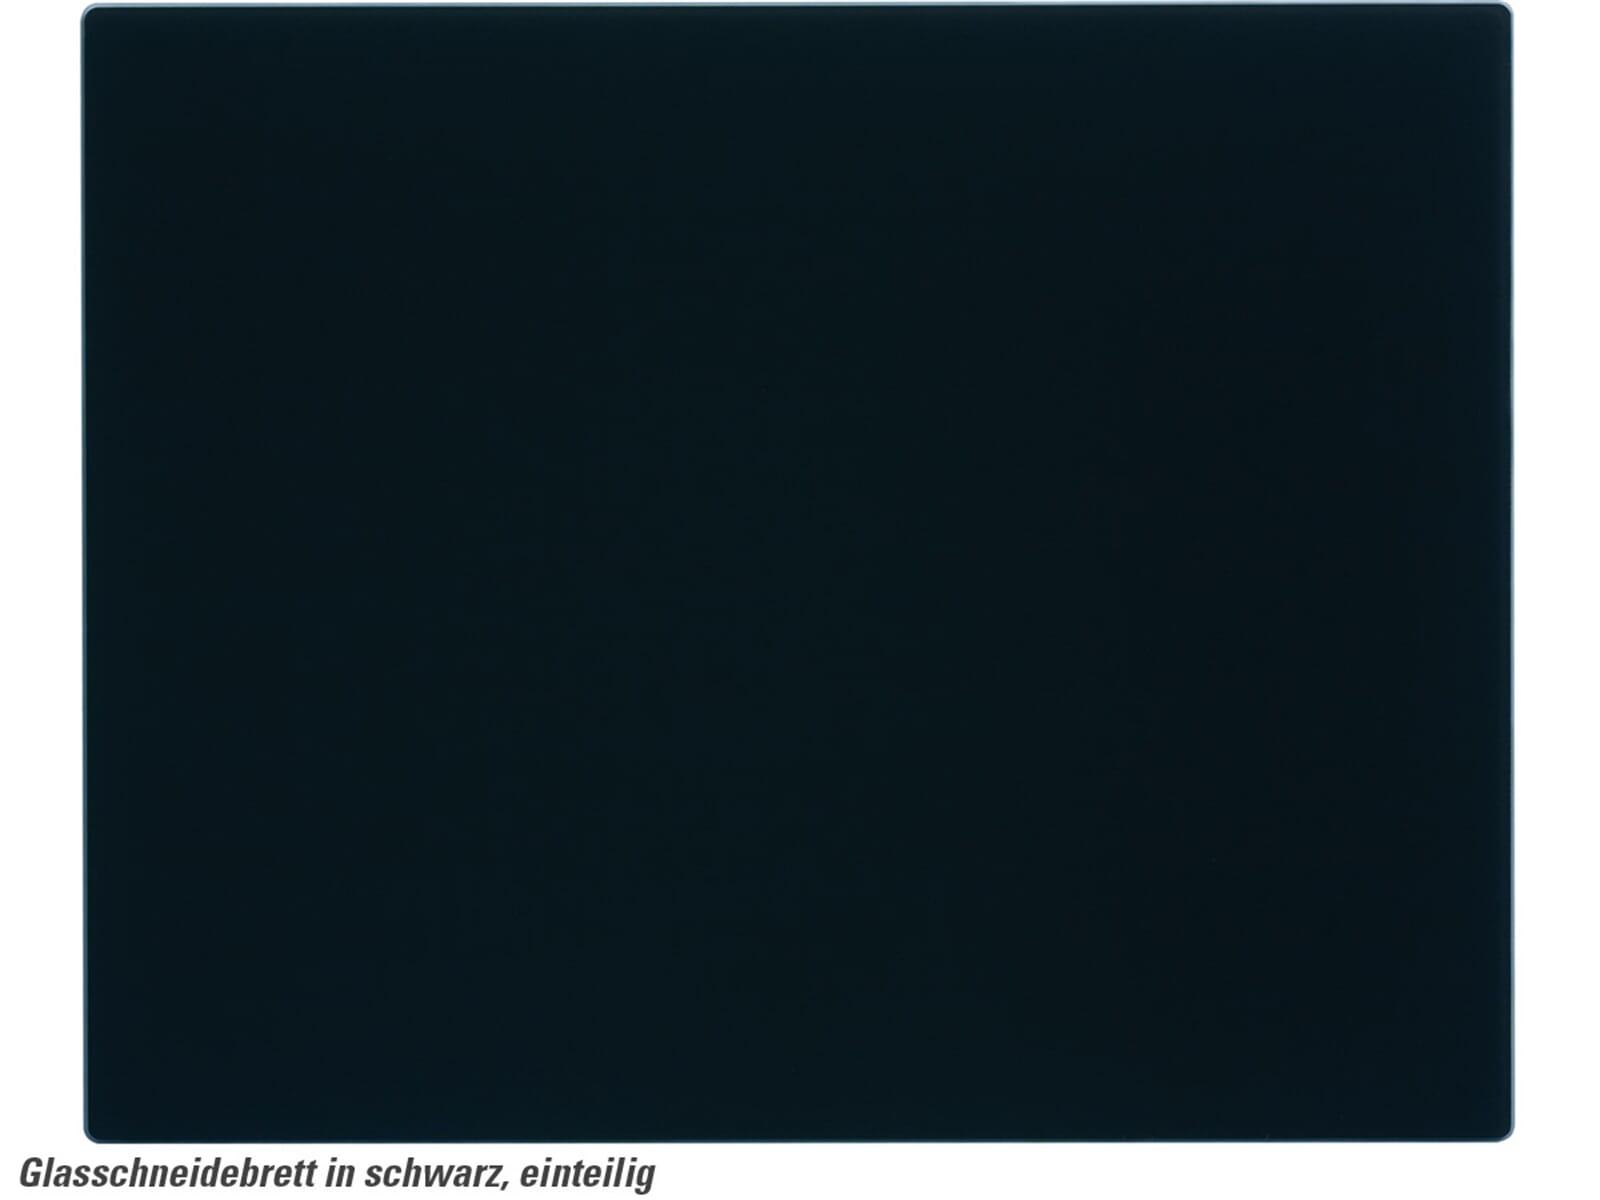 Schock 629076 Glasschneidebrett schwarz